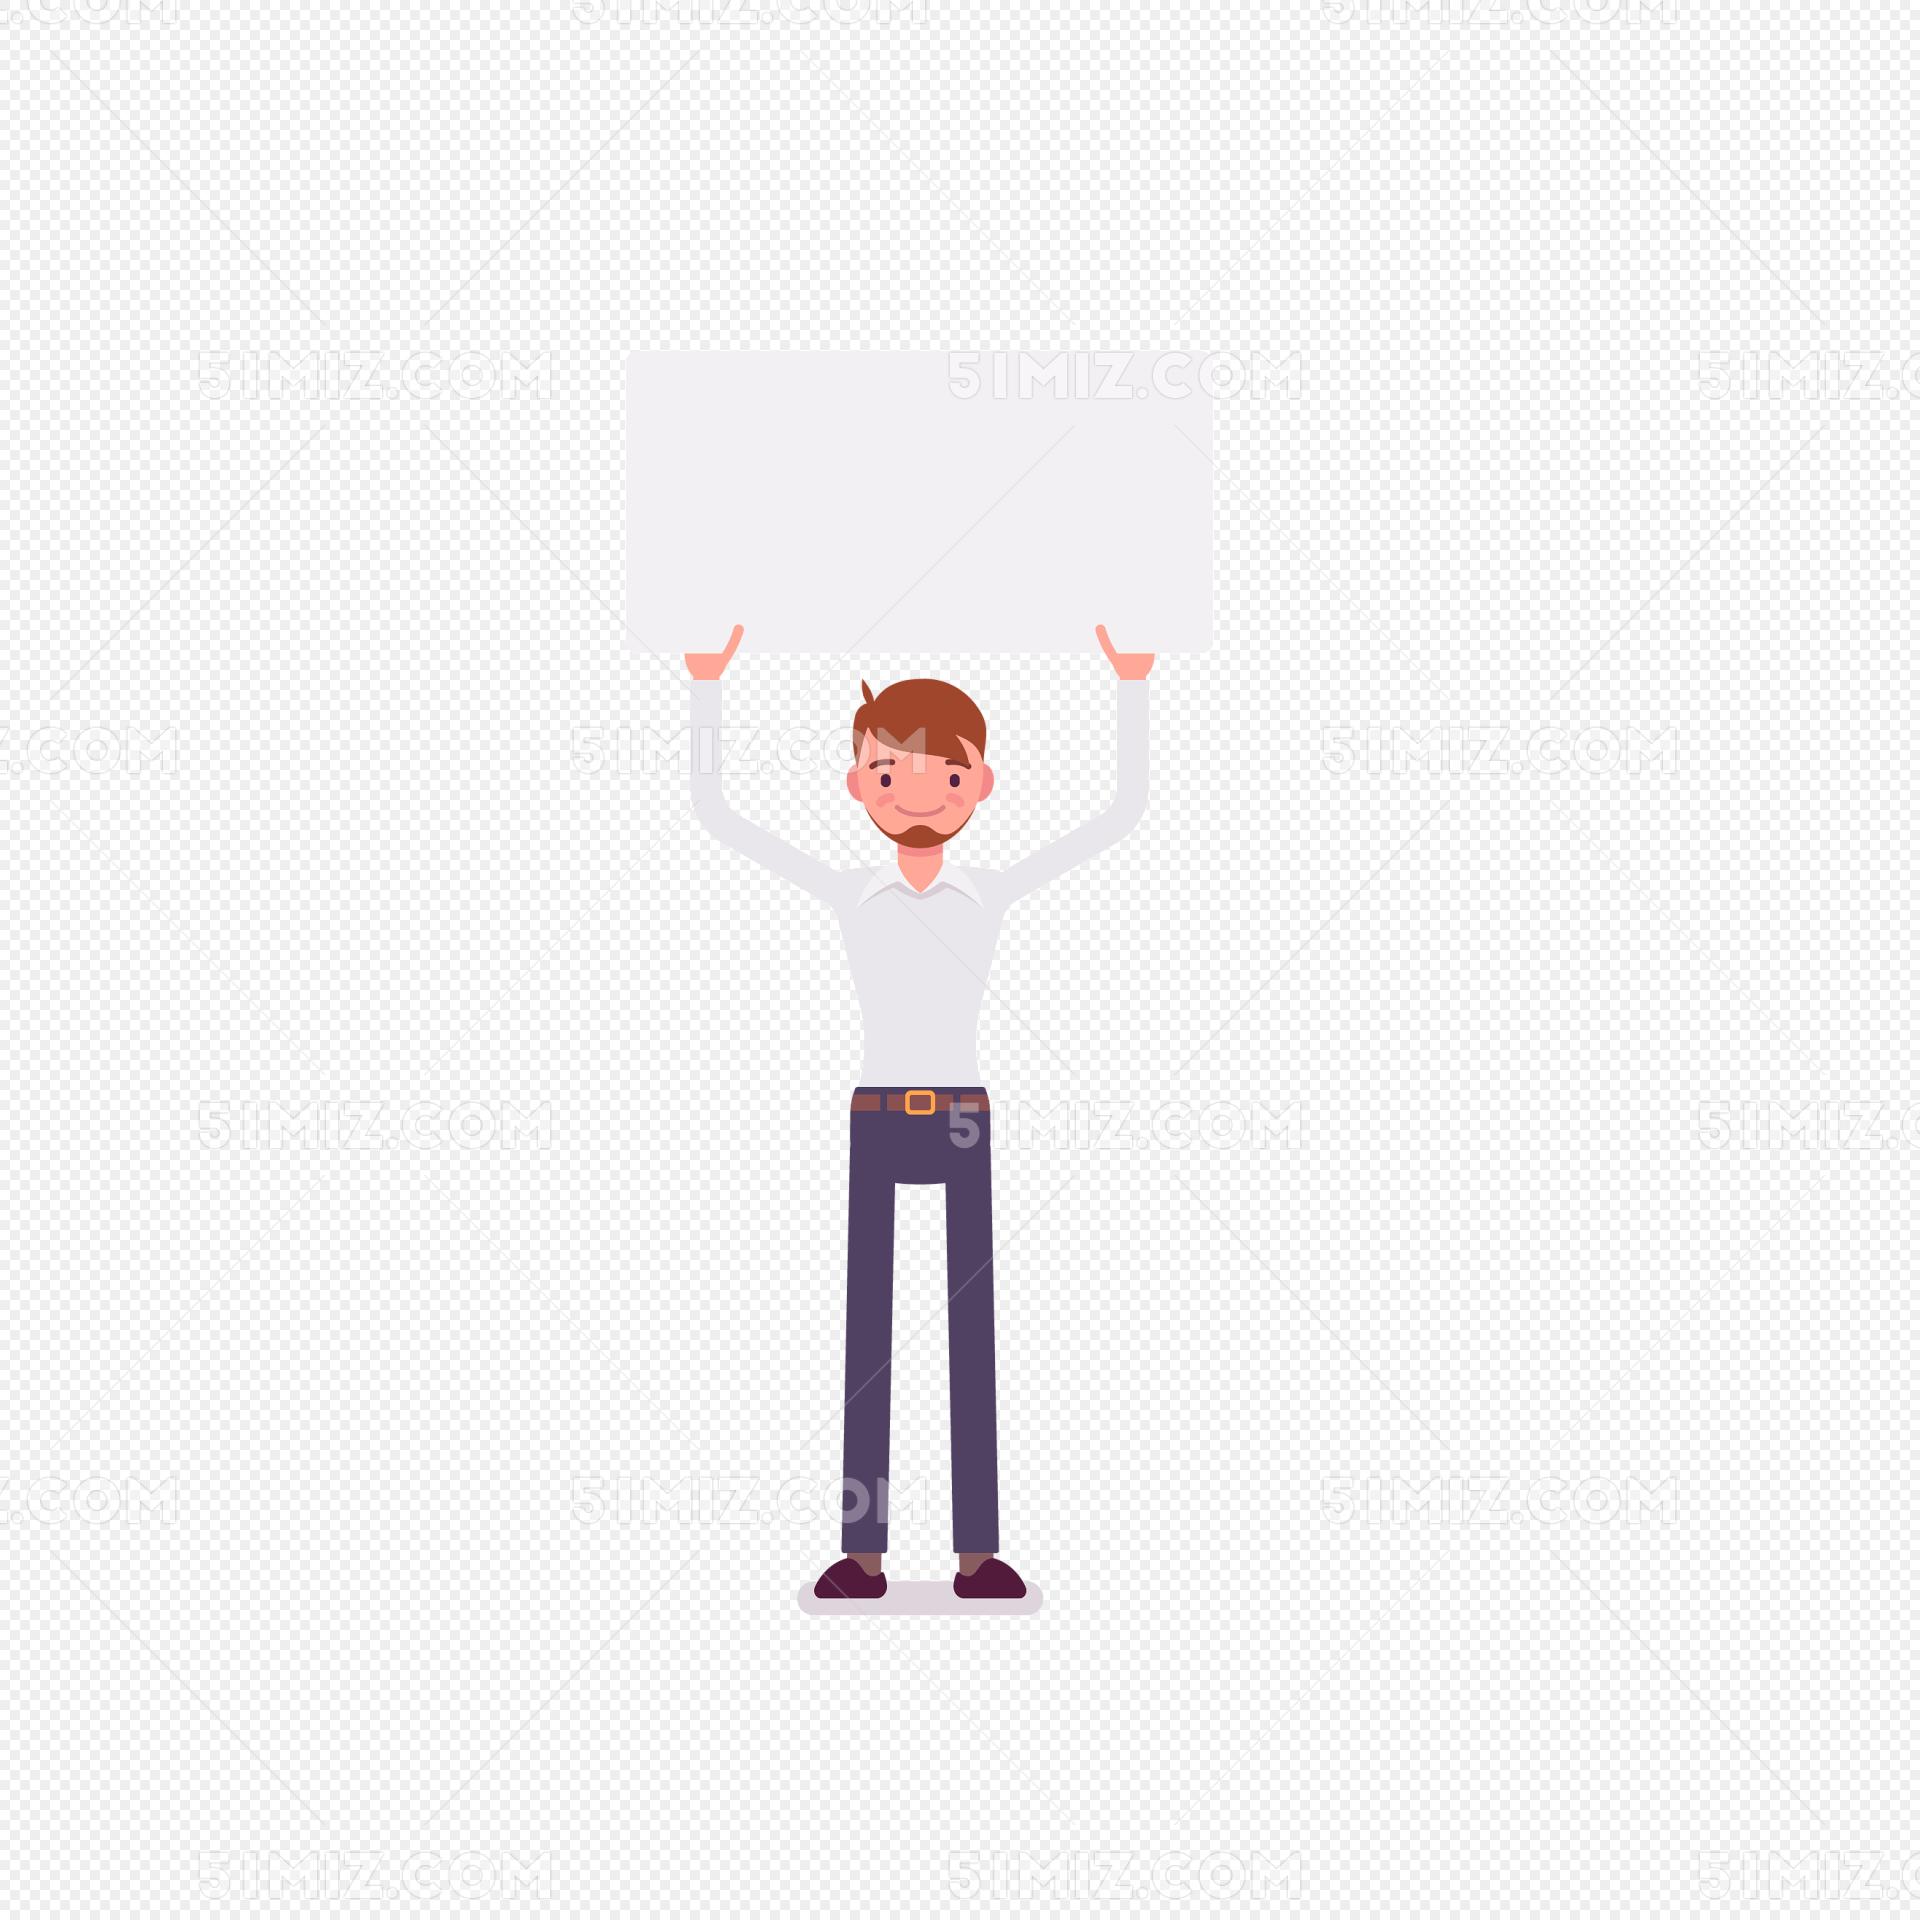 矢量手绘上班举牌接机图片素材免费下载_觅知网